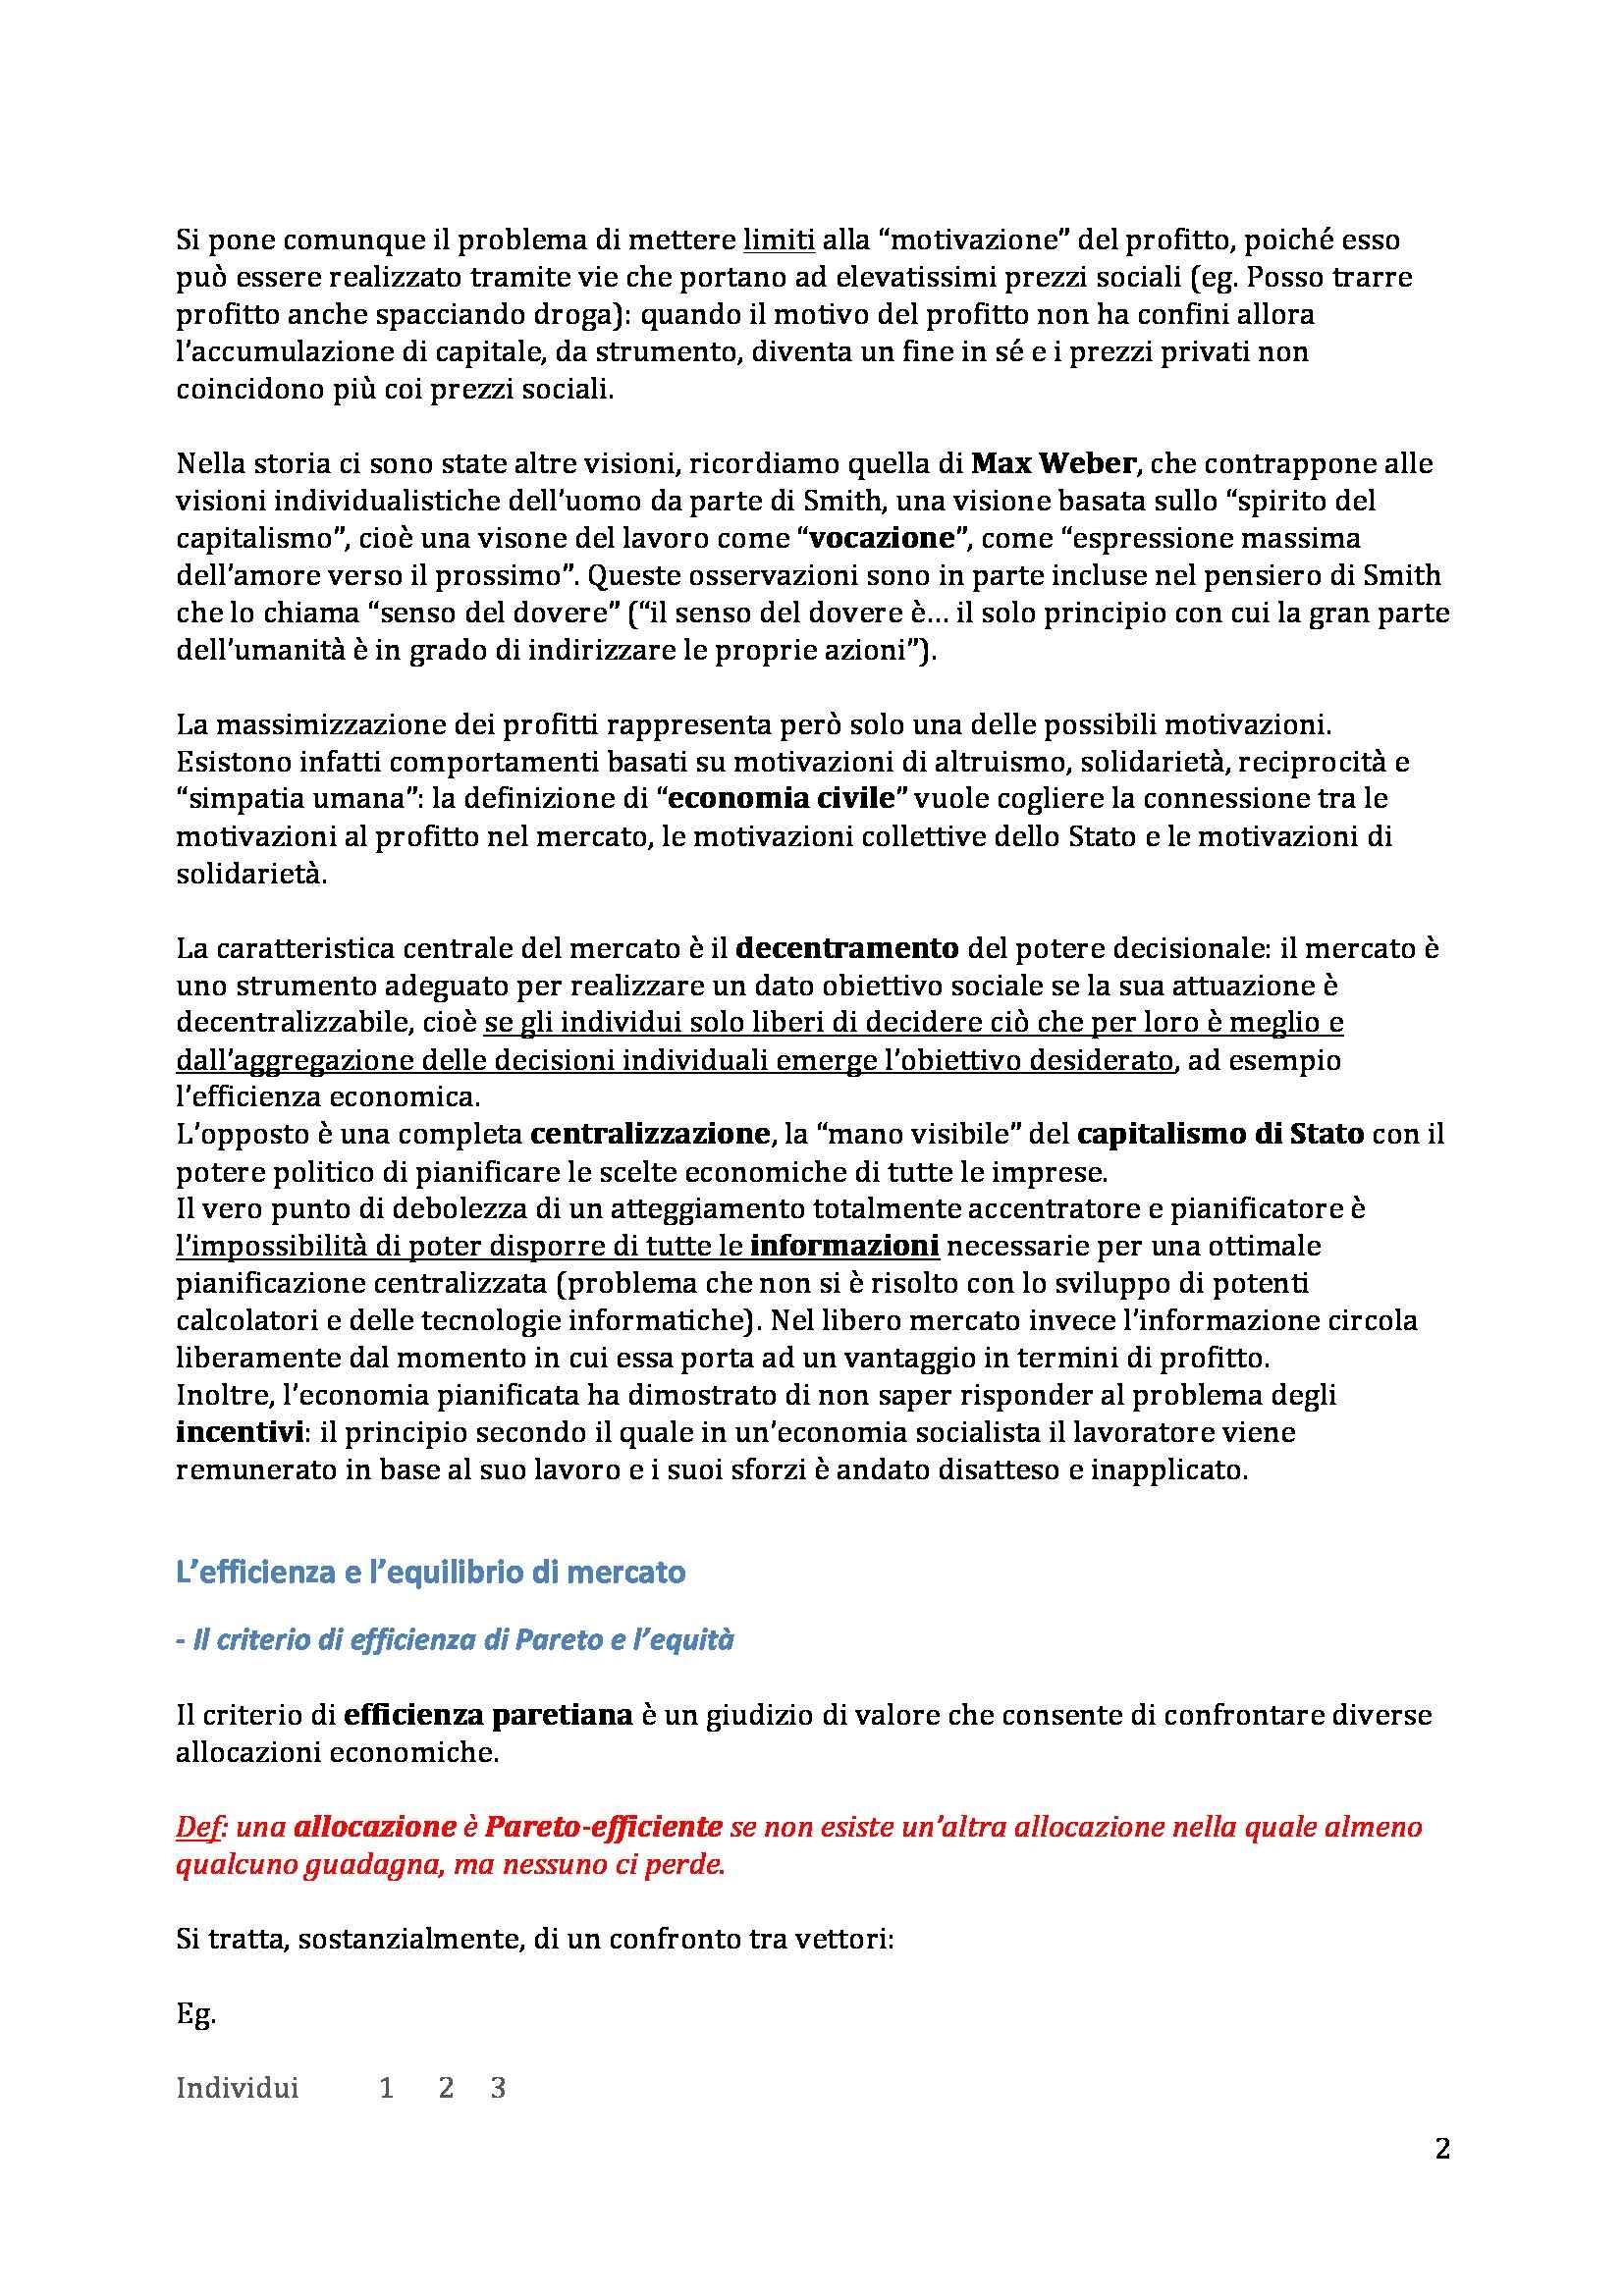 Politica Economica - Appunti (primo parziale) Pag. 2